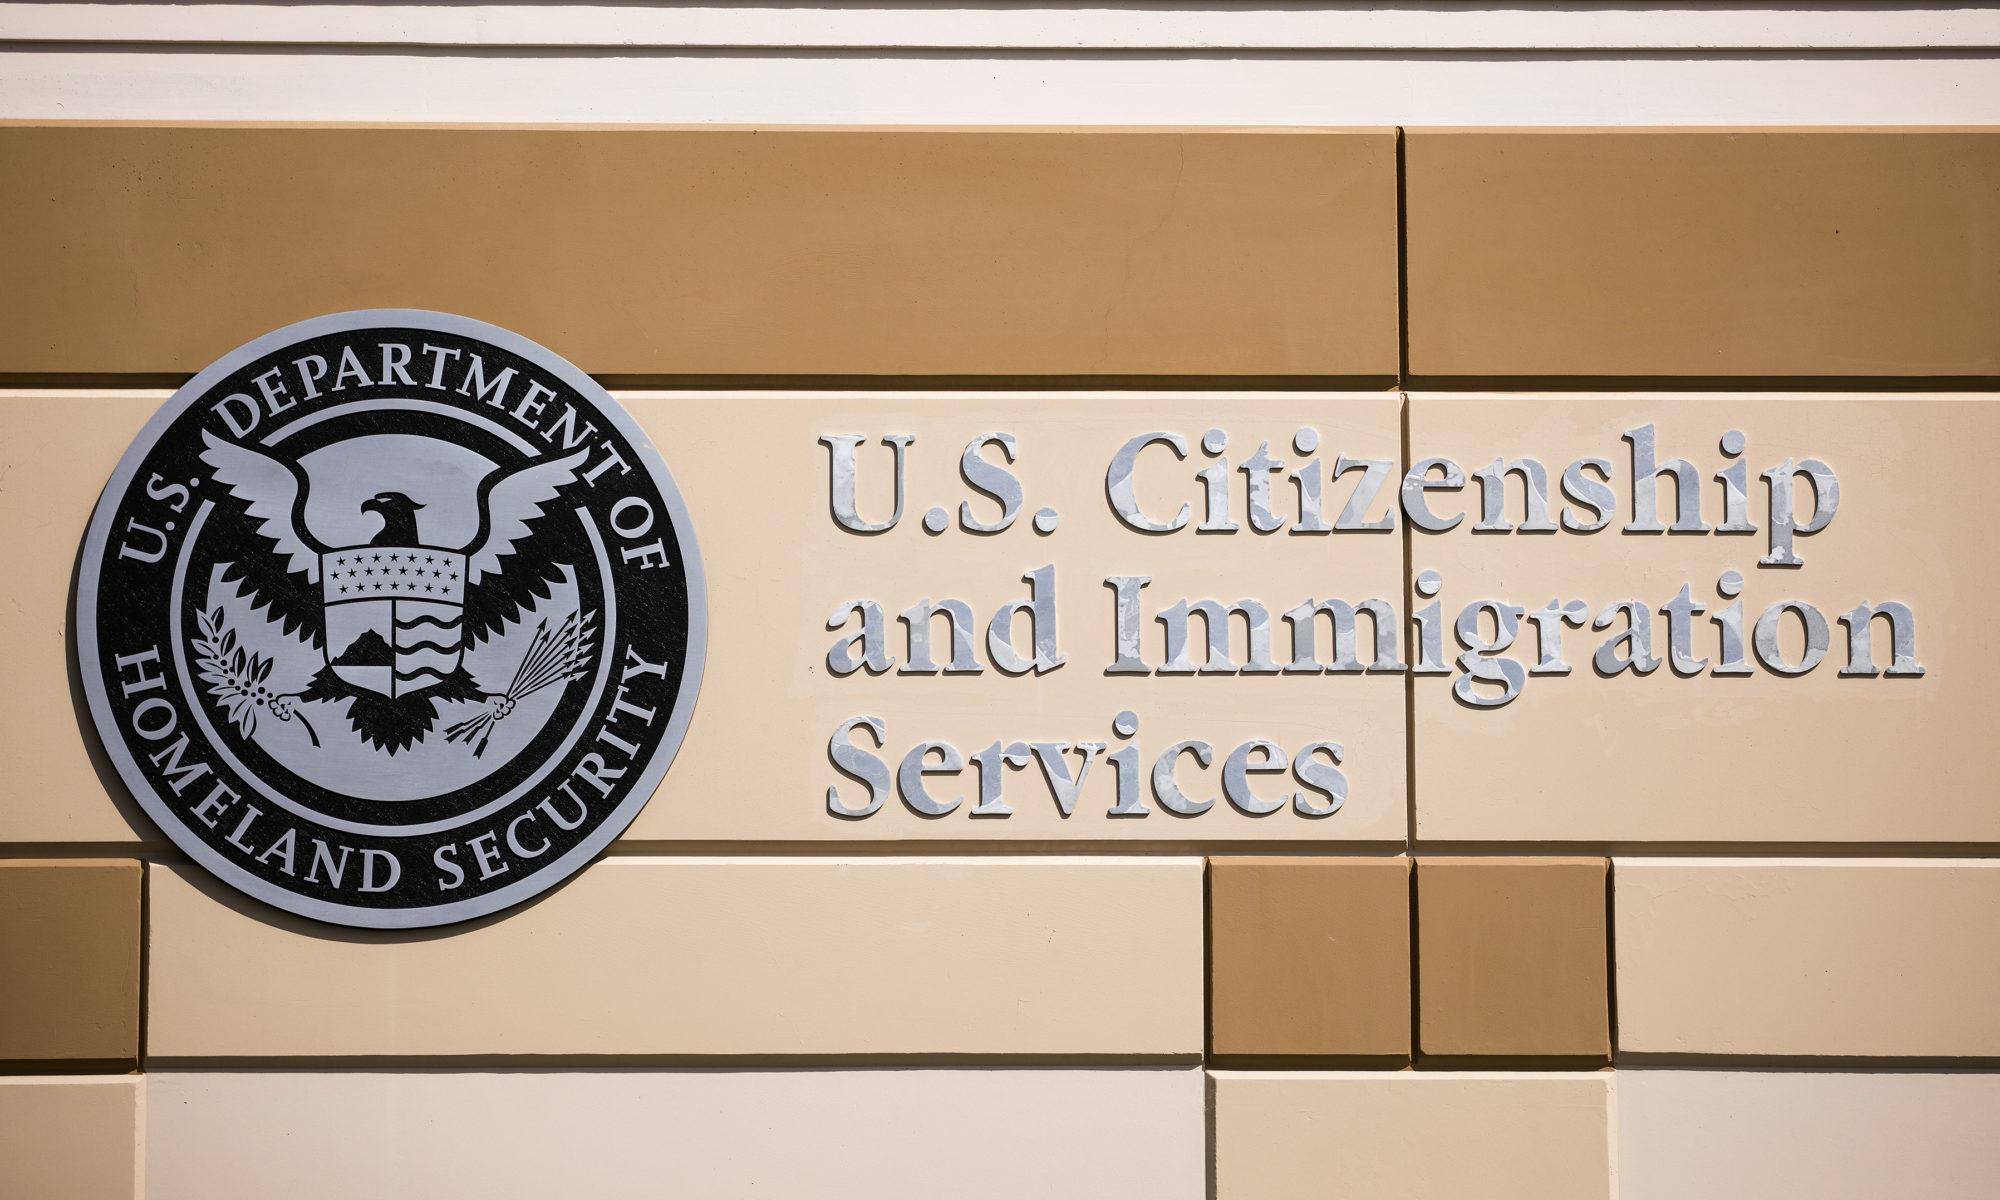 Un signo en la pared que dice US Citizenship and Immigration Services